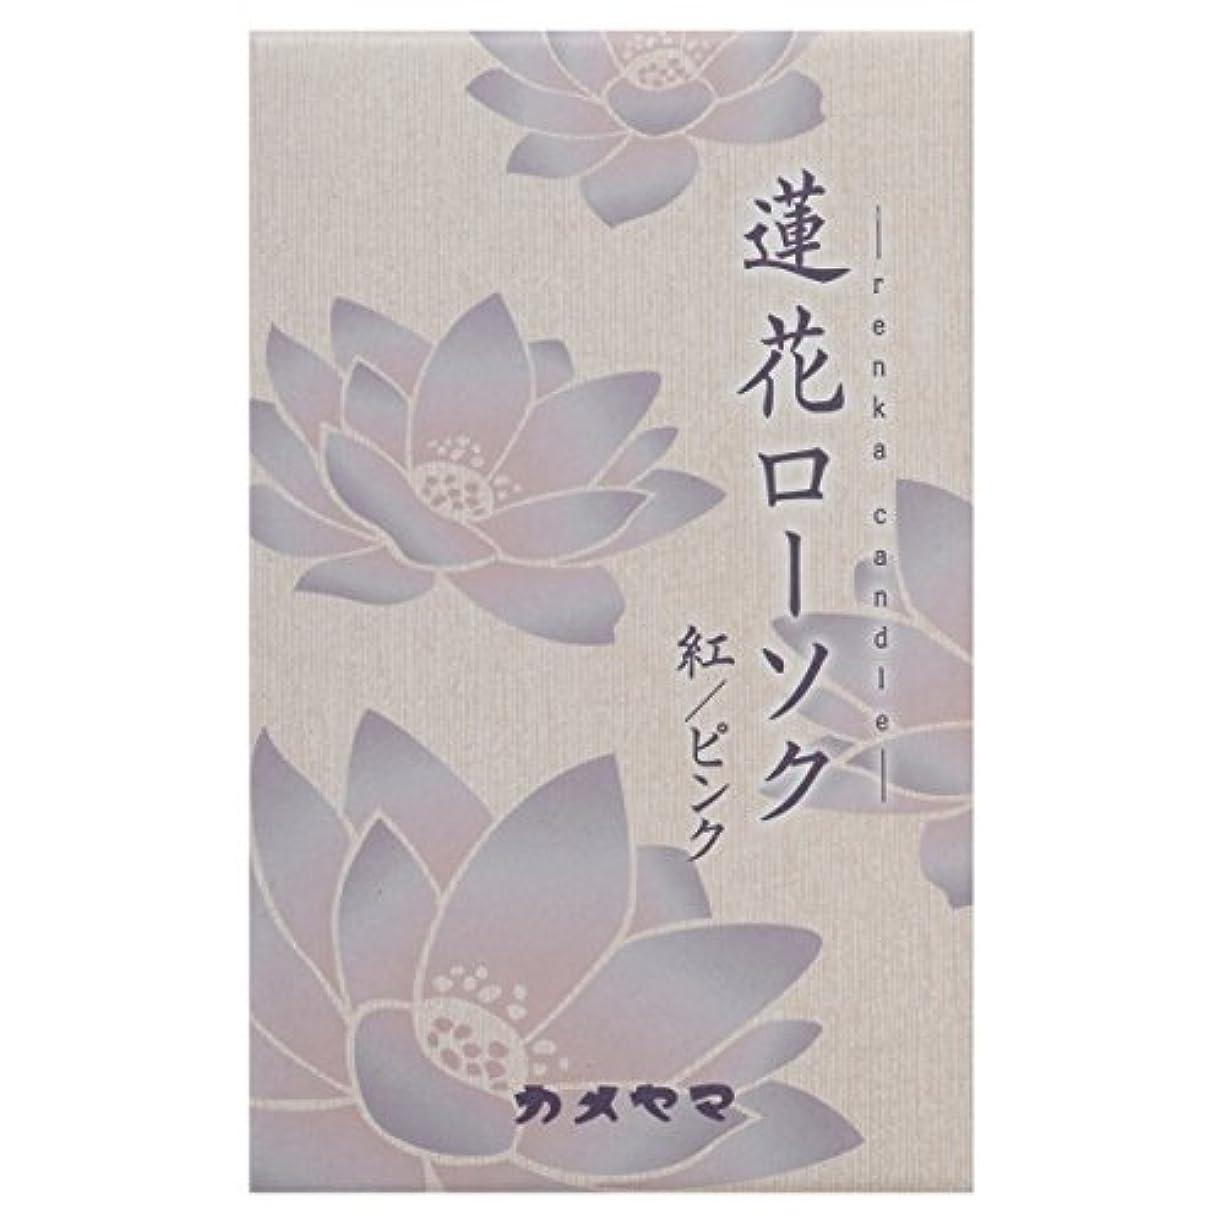 アイドルガイドライングラフィックカメヤマ 5インチ蓮花 紅、ピンク